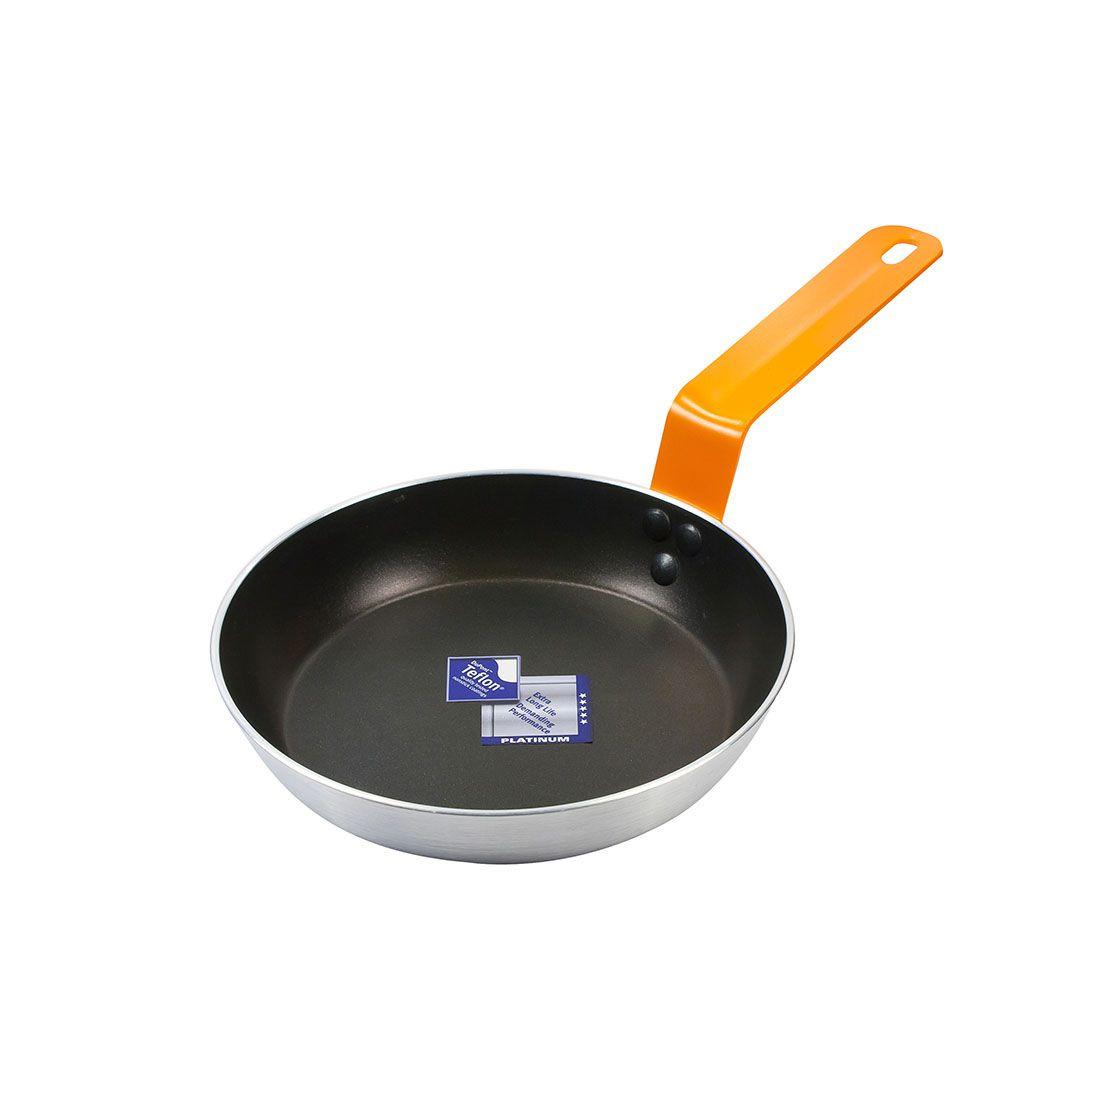 Frigideira de Aço Polido 3Mm Teflon Platinium Gourmet Preta Wow 18Cm